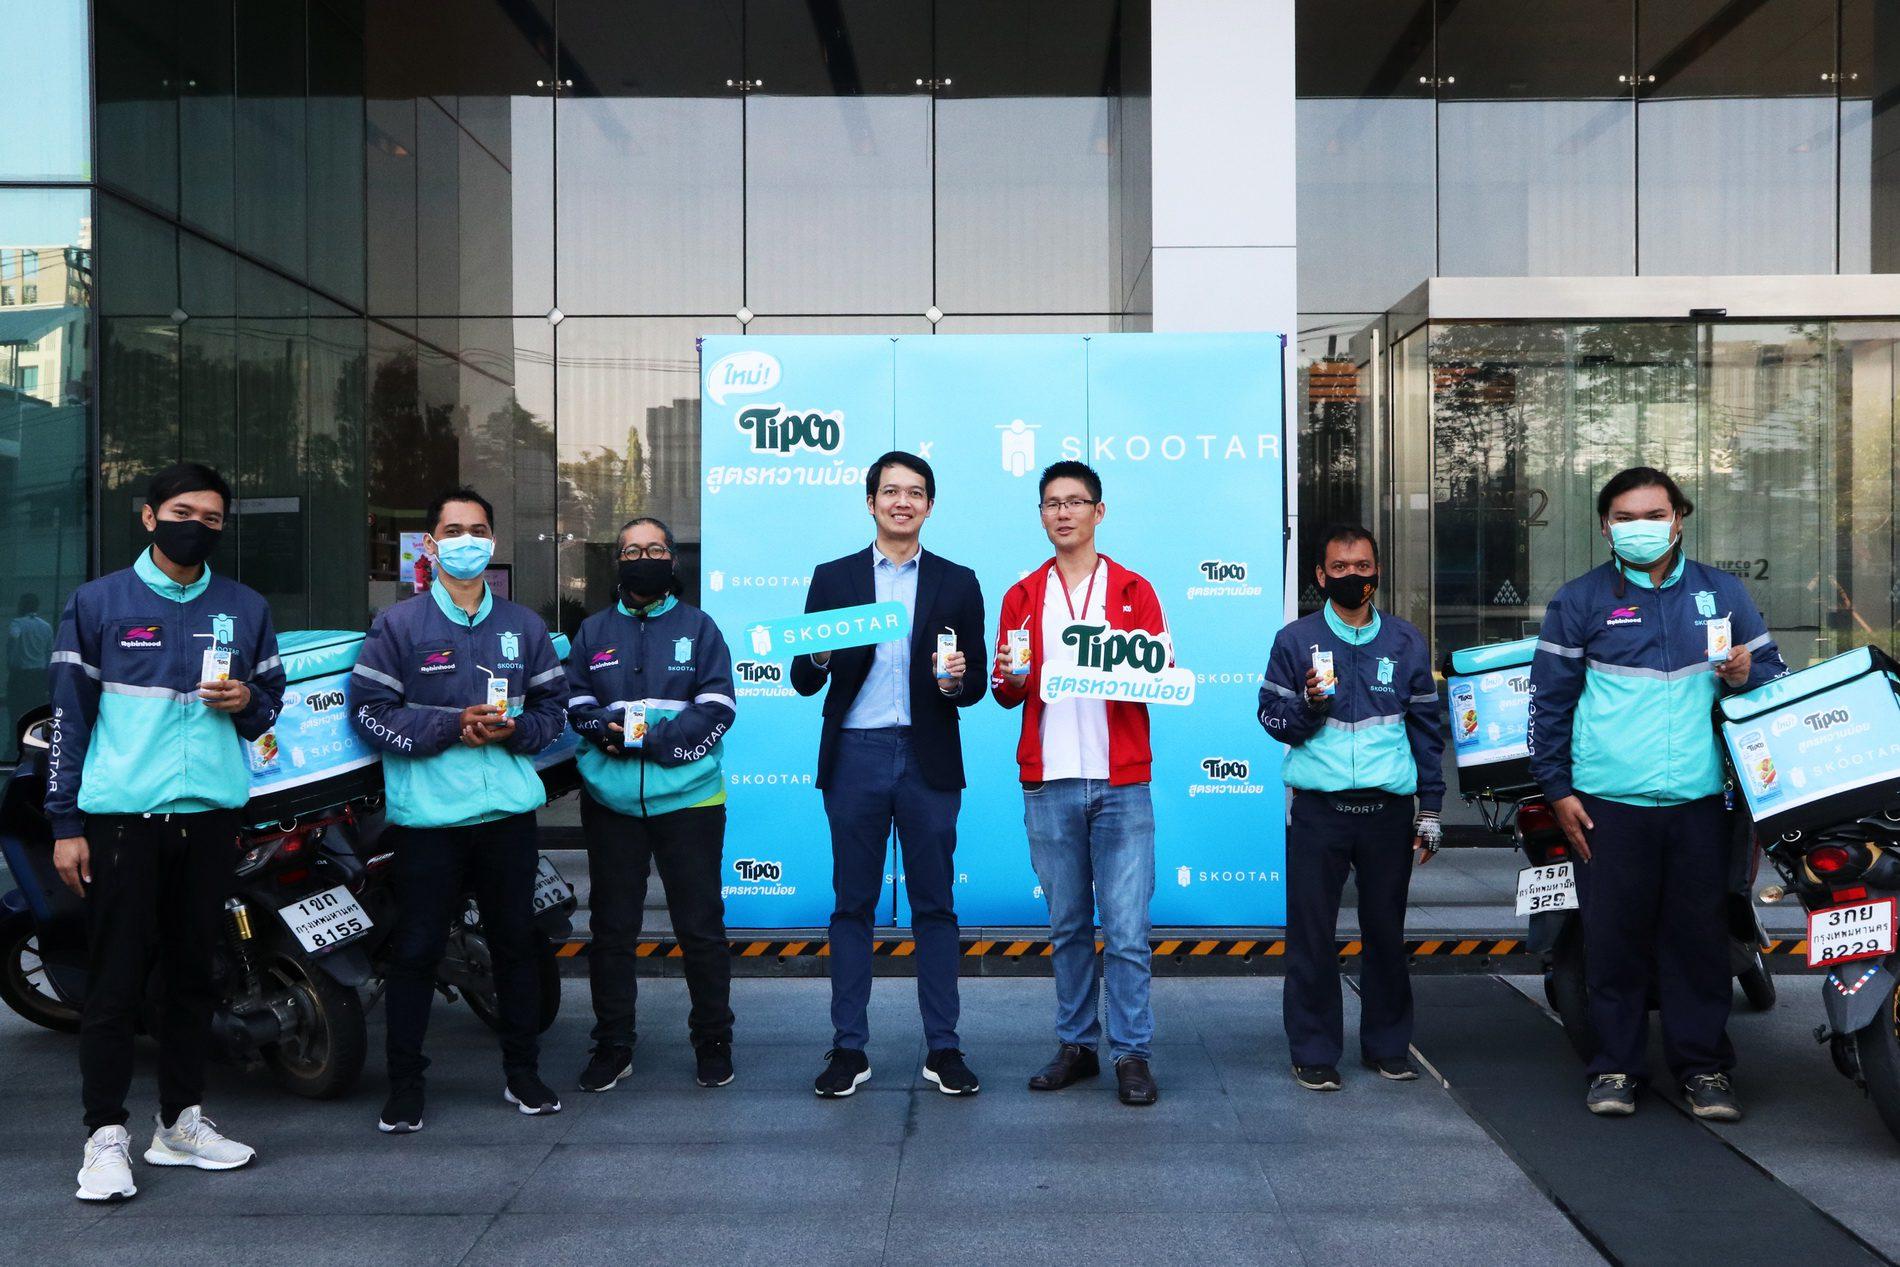 ทิปโก้ จับมือกับ สกู๊ตตาร์ เดลิเวอรี่ ปล่อยรถคาราวาน แจกน้ำผักผสมน้ำผลไม้น้ำตาลน้อย กว่า 2,000 กล่อง ทั่วกรุงเทพฯ